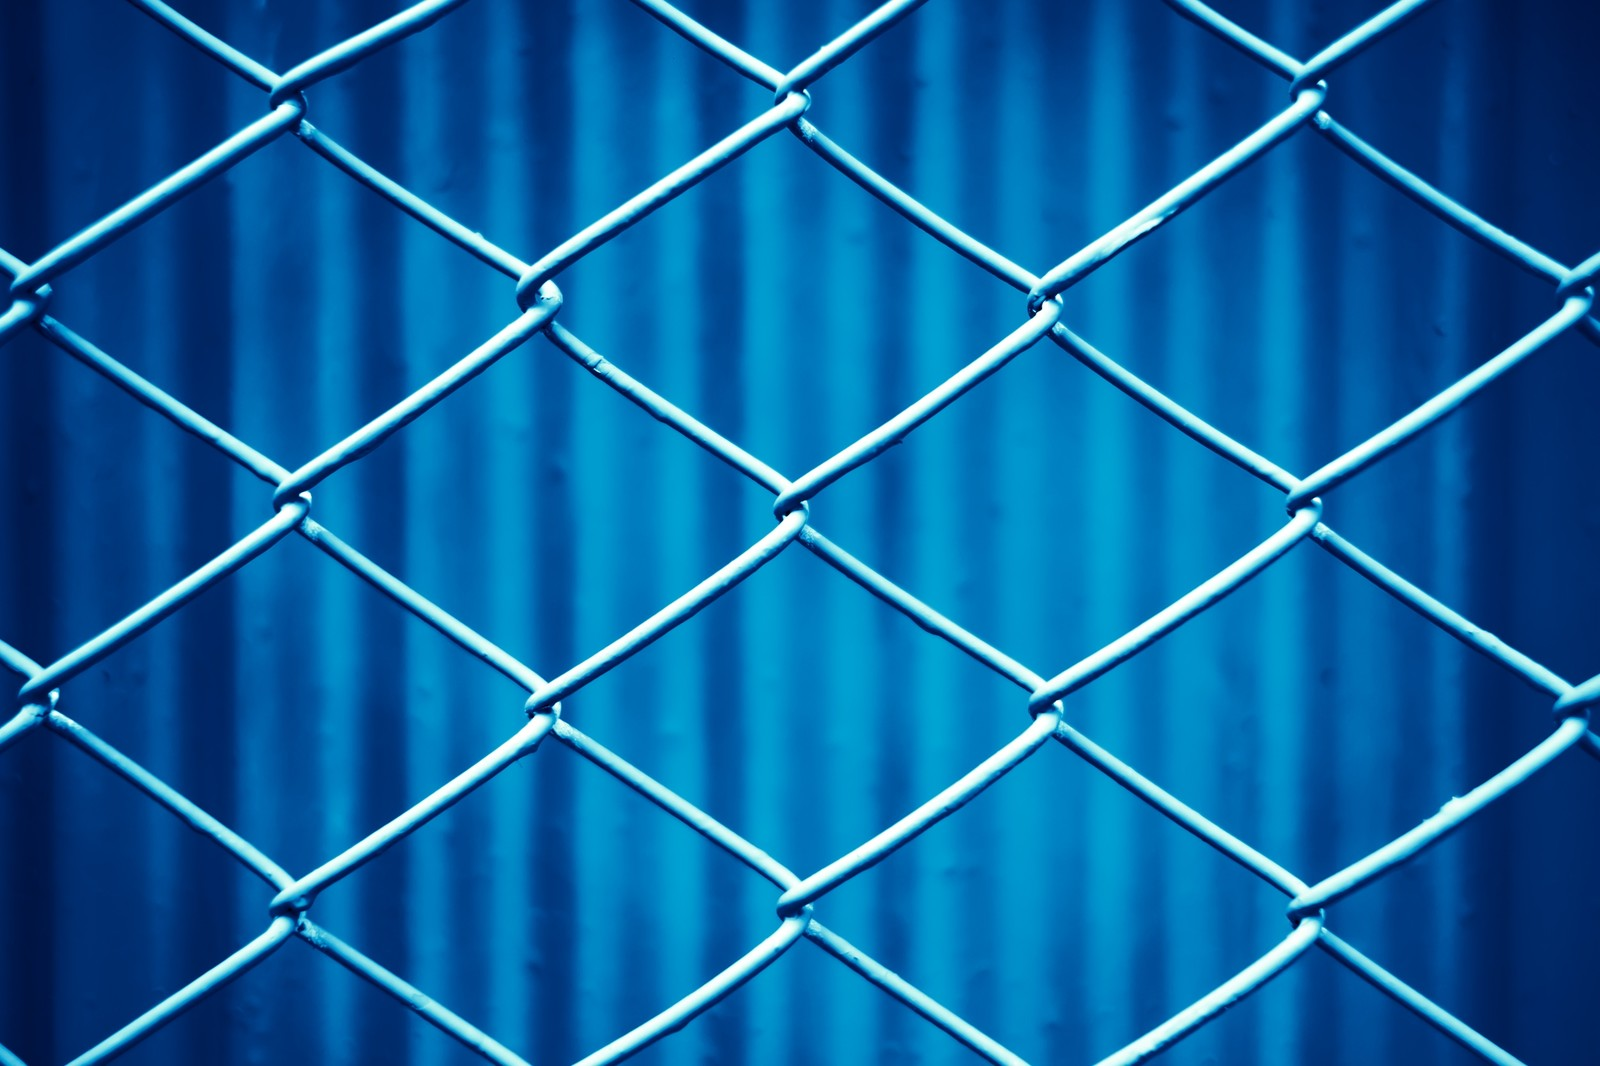 「青いネットフェンス」の写真